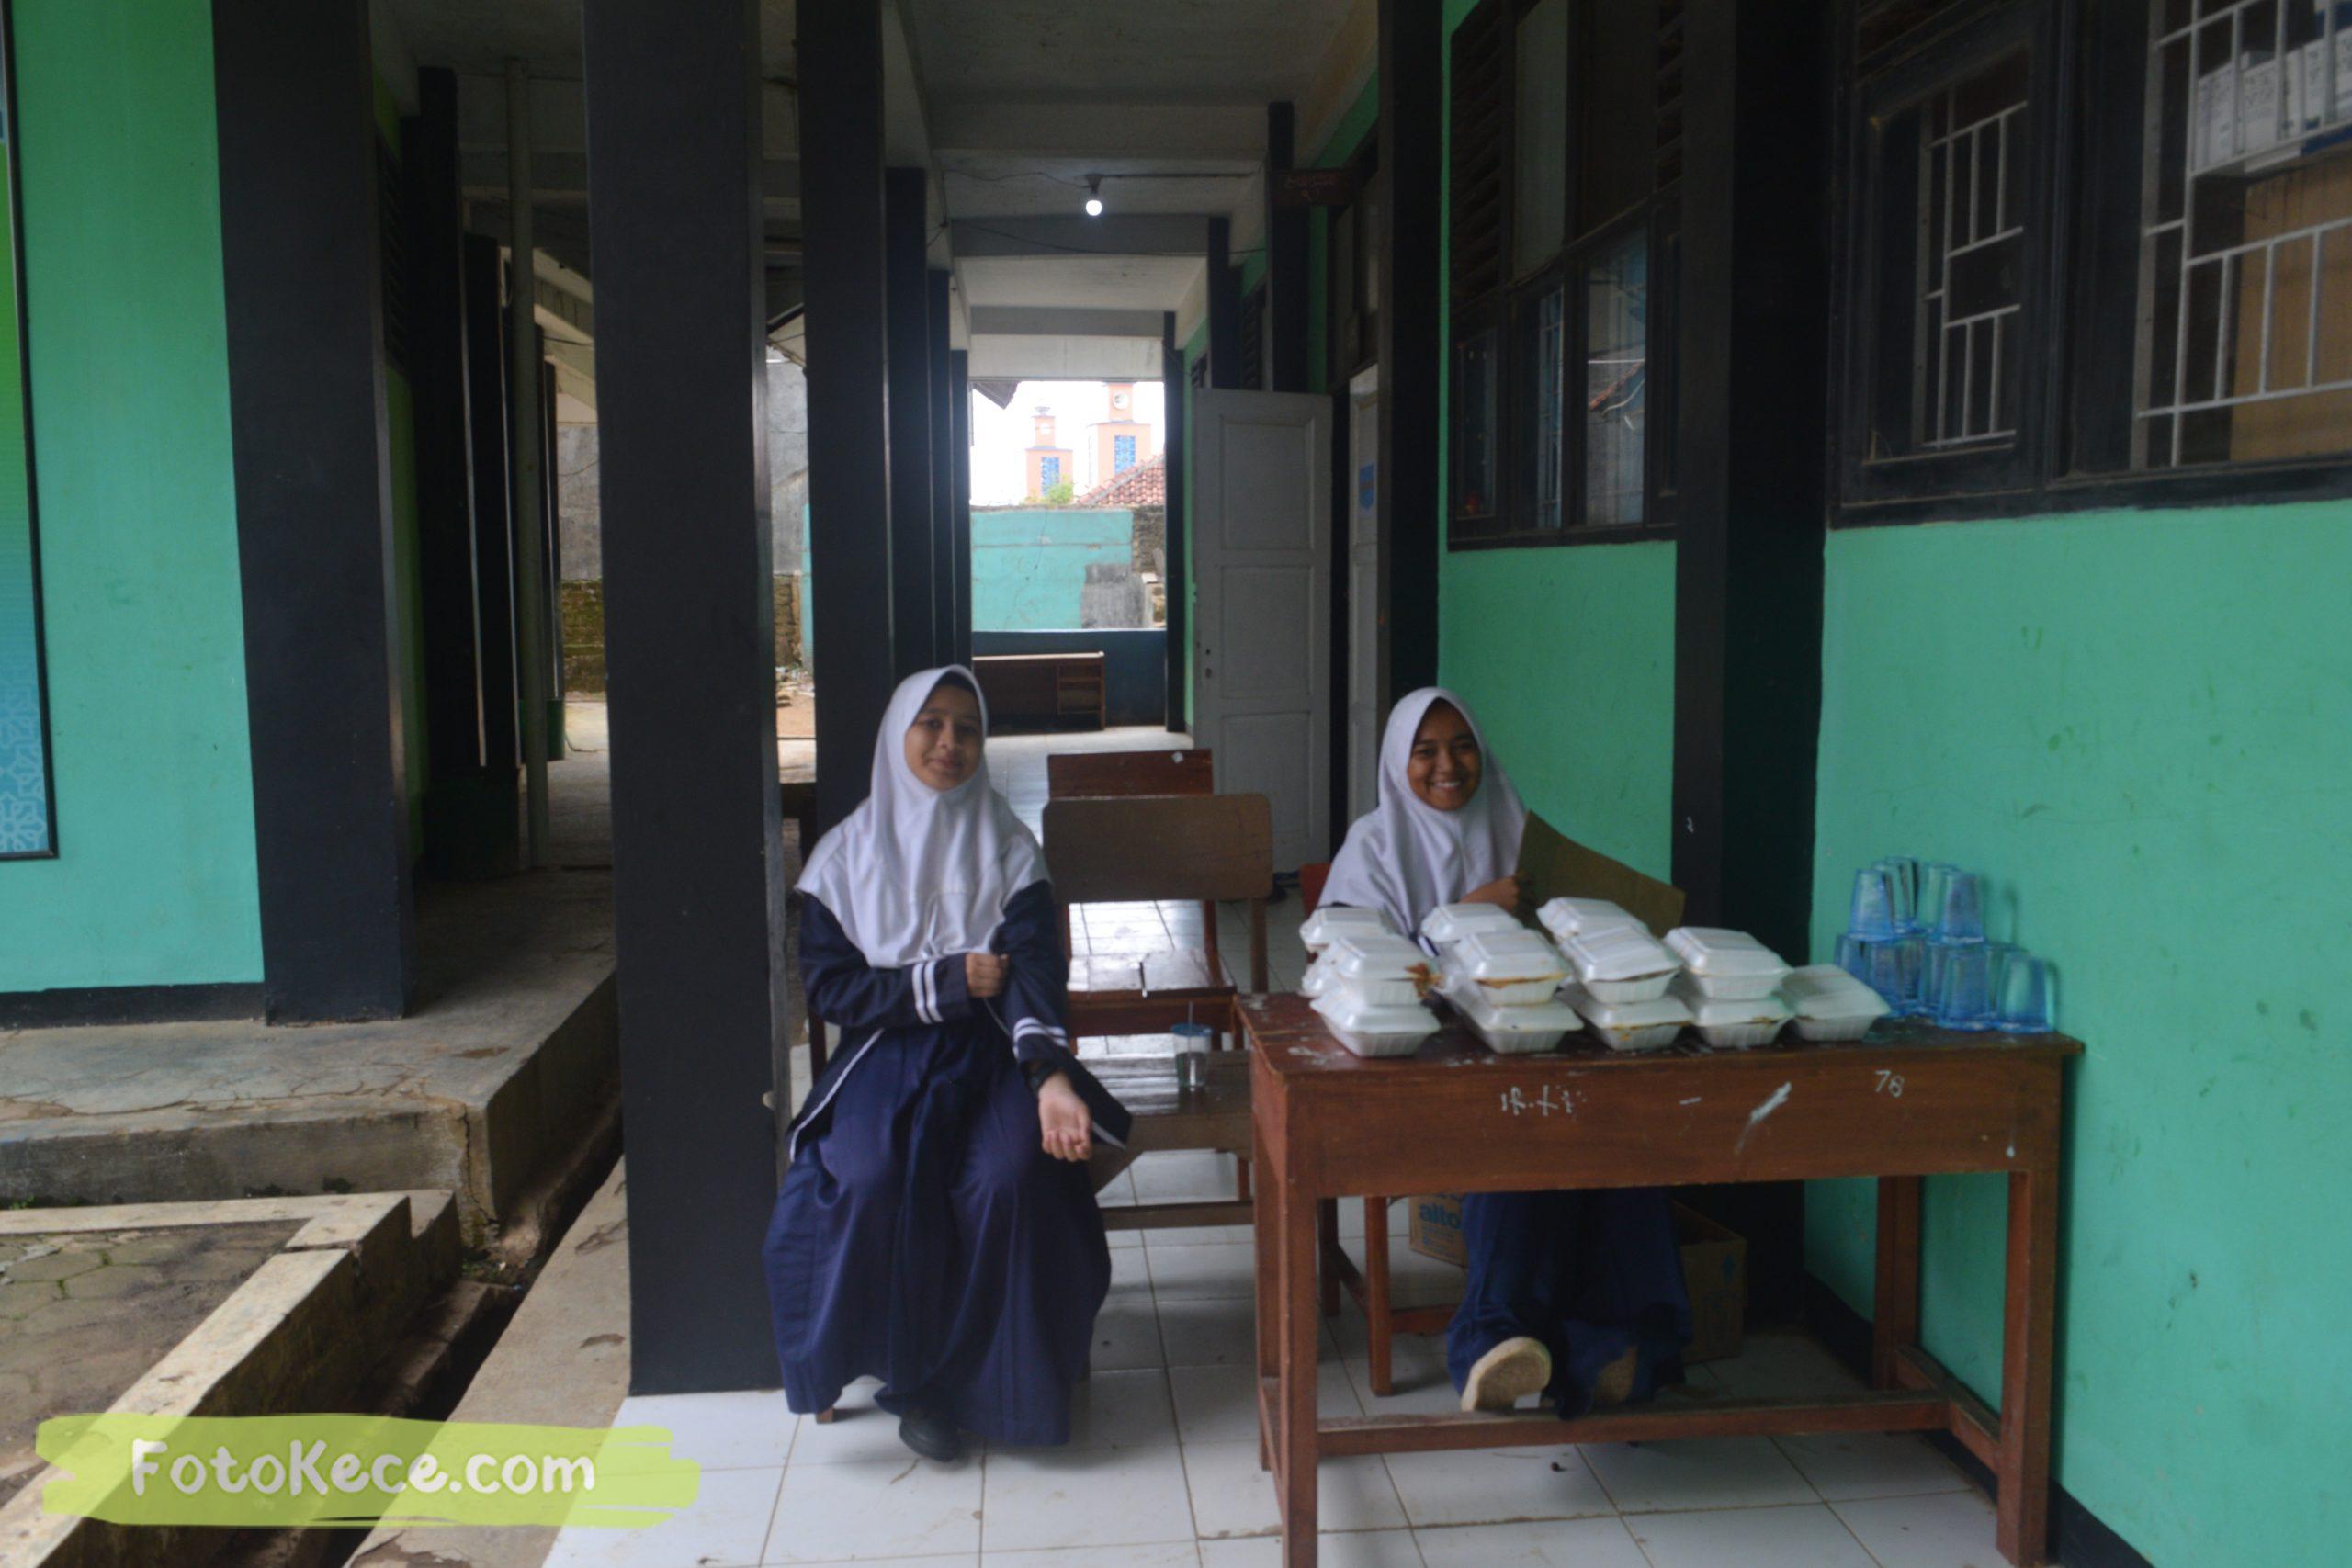 indoor kursus pembina mahir tingkat dasar kmd kwartir ranting surade 2019 fotokece Des 2019 7 scaled